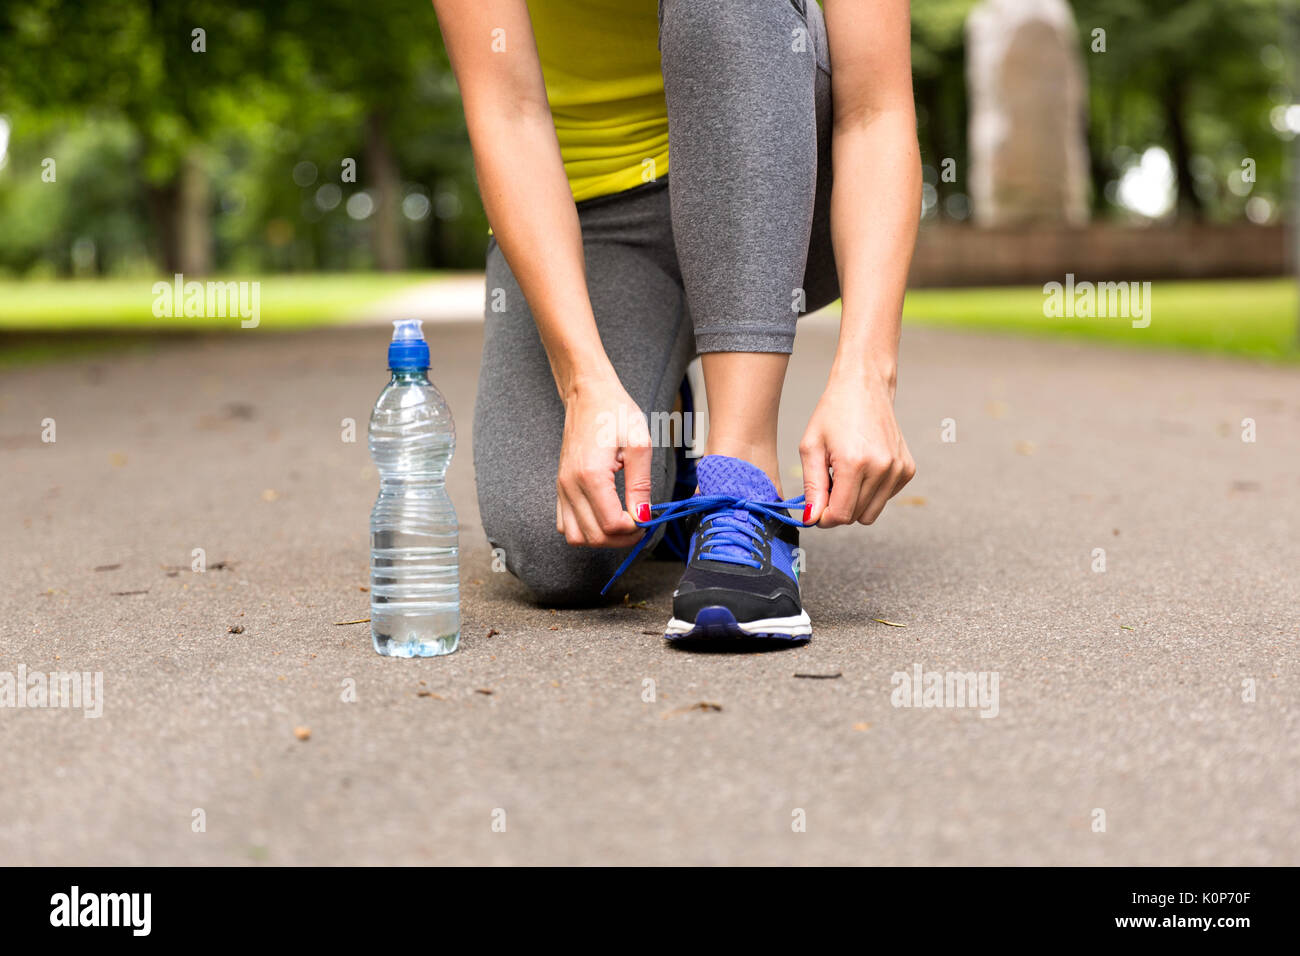 Jeune femme attachant lacets de chaussures de course avant l'entraînement. Concept de vie sain Photo Stock